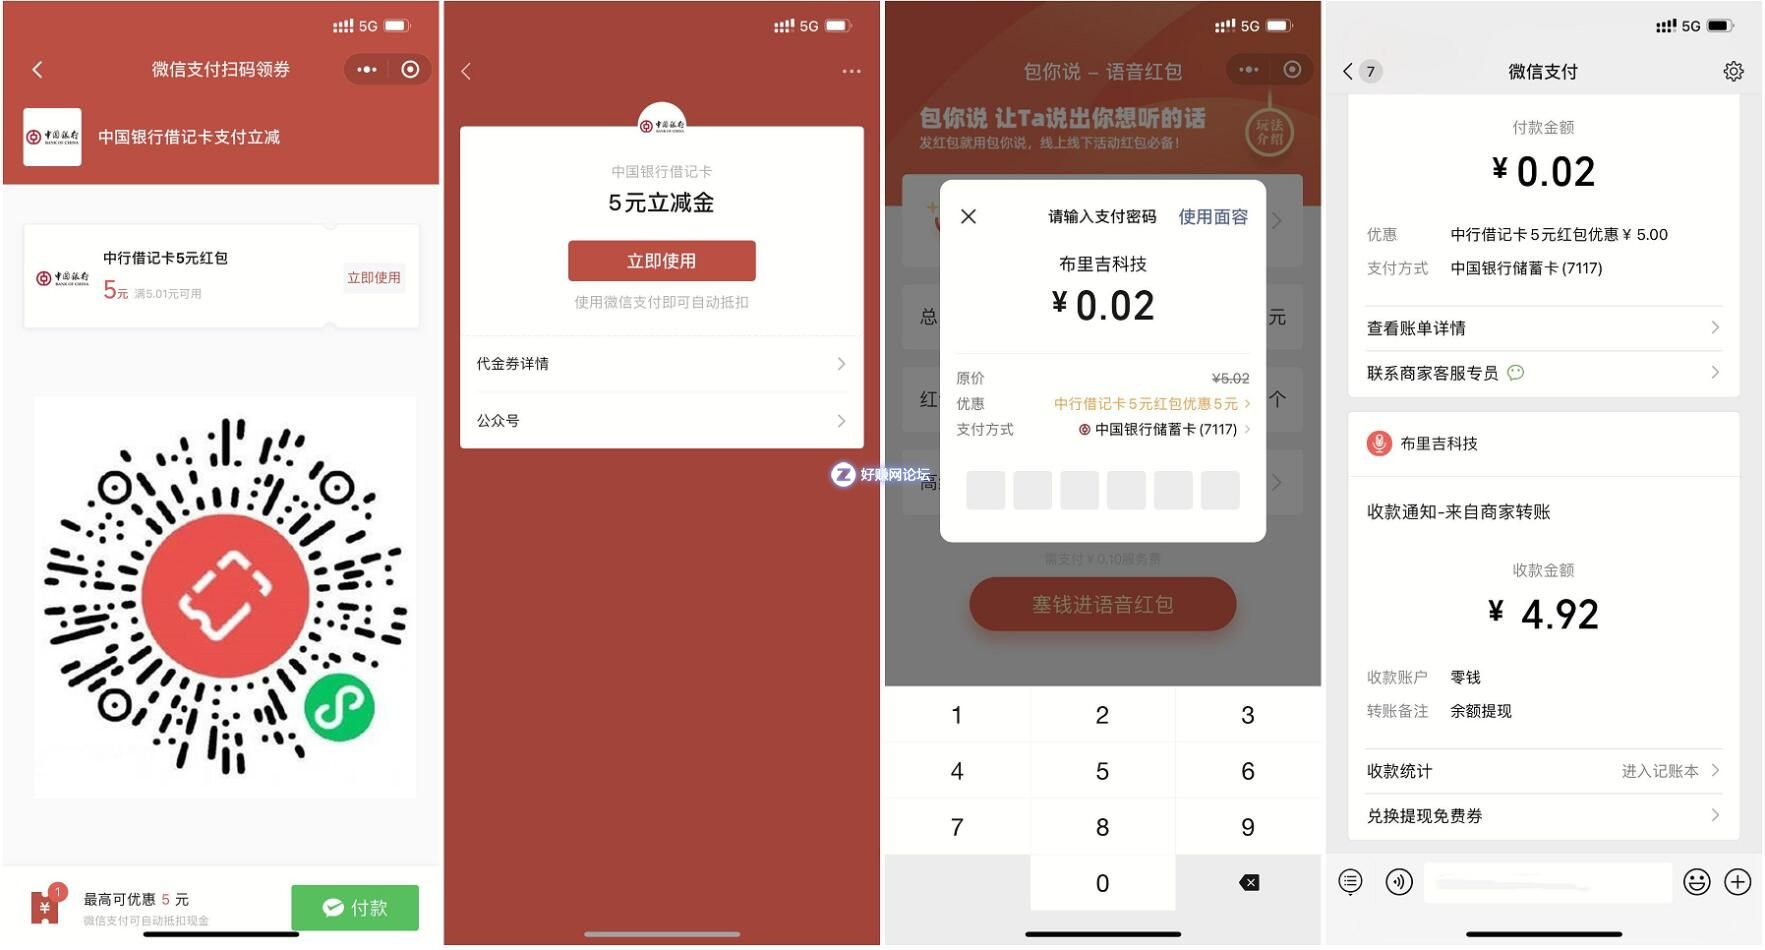 【中行老用户领5元红包】微信扫码(领完就明天去)